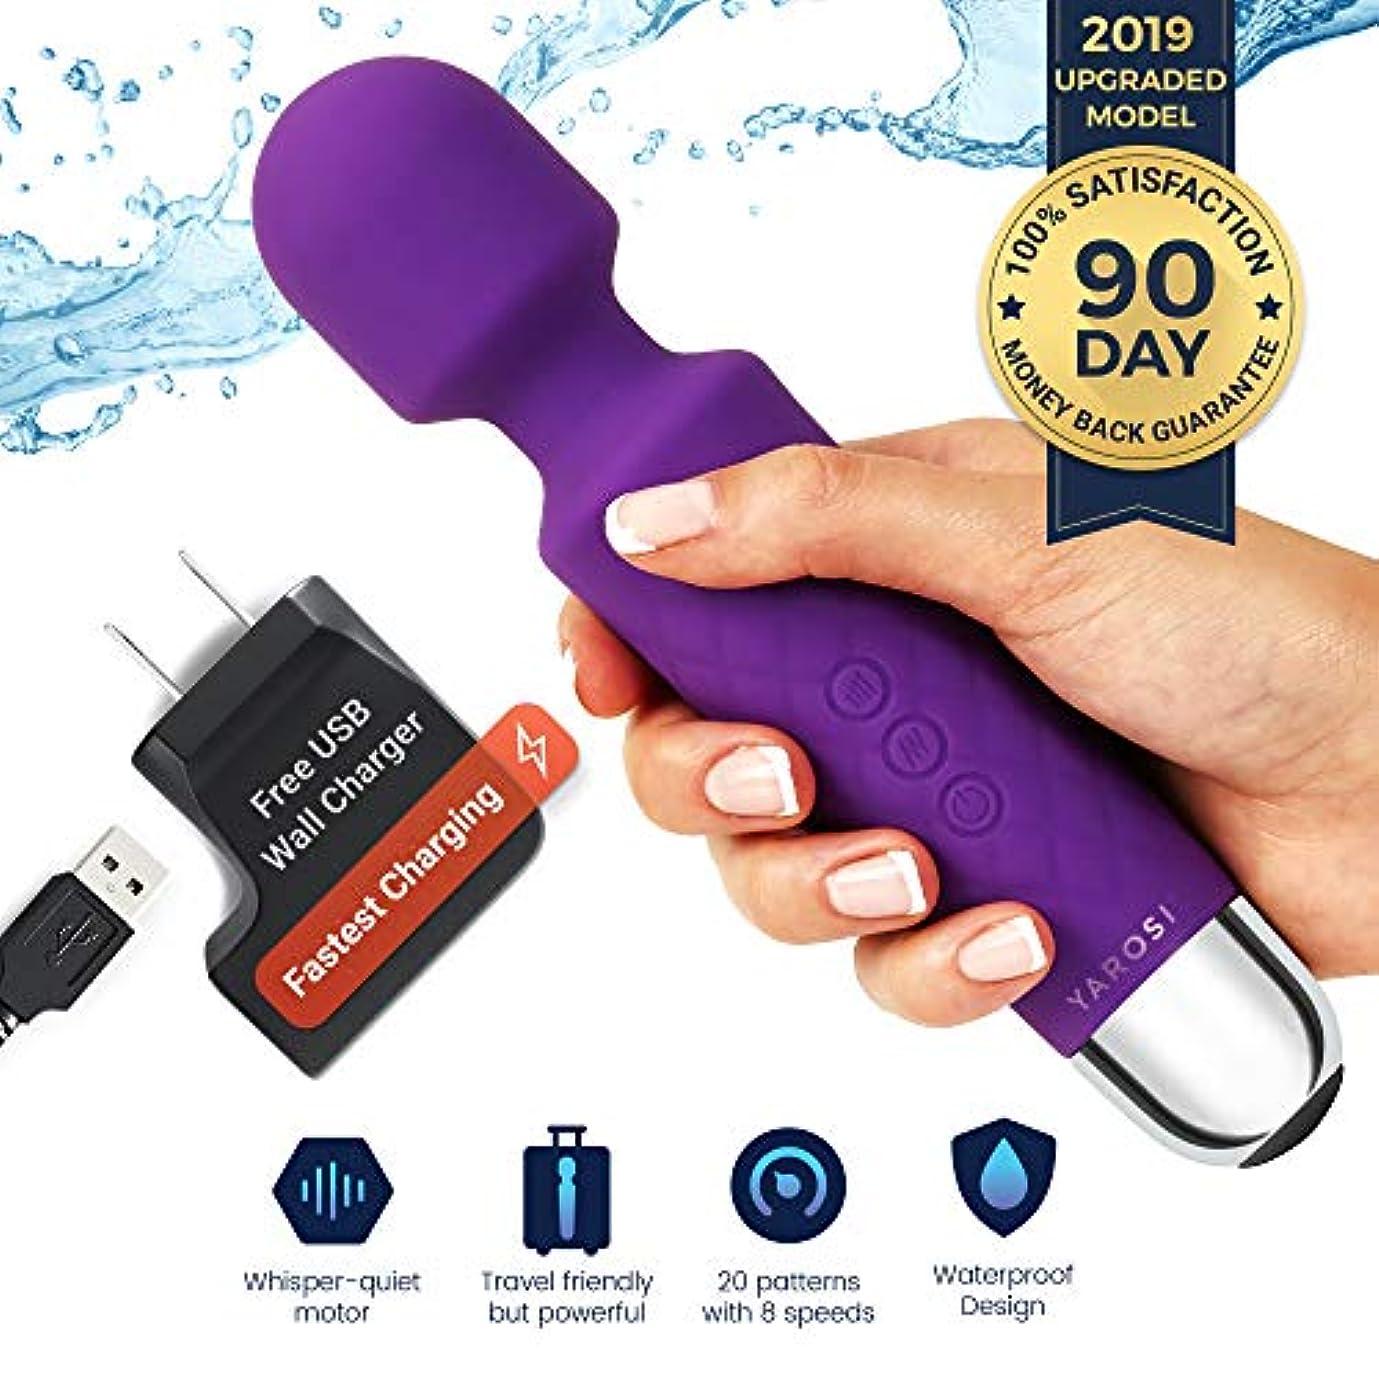 服を洗う団結するフォーマルジャロシのコードレスワンドマッサージャー - 振動のための最も強力な治療 - 旅行の贈り物に適して - 魔法の圧力の目覚め - 筋肉のアーチやパーソナルスポーツの回復に最適 - USB - ミニ - パープル